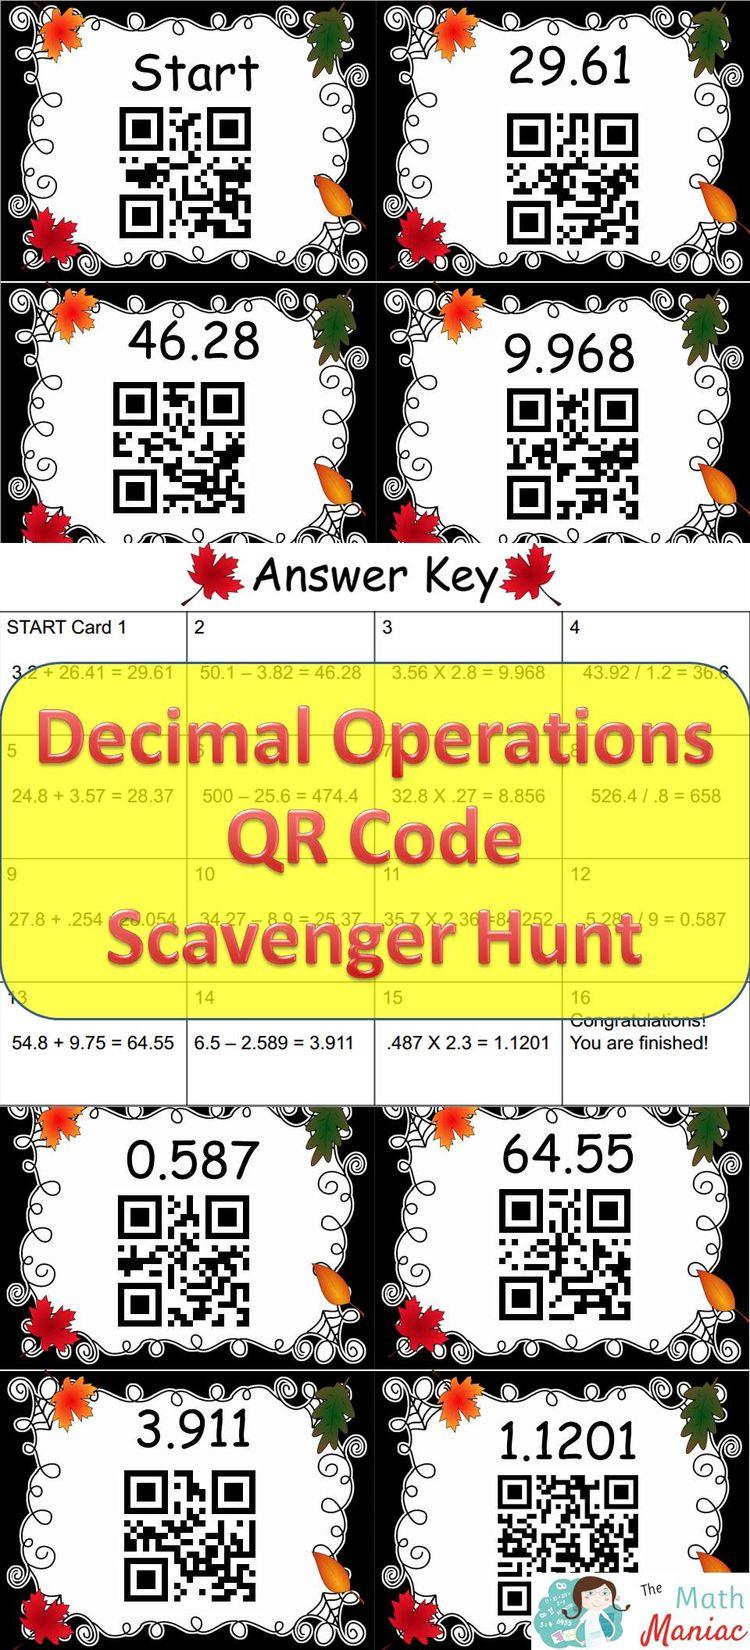 decimal operations qr code scavenger hunt